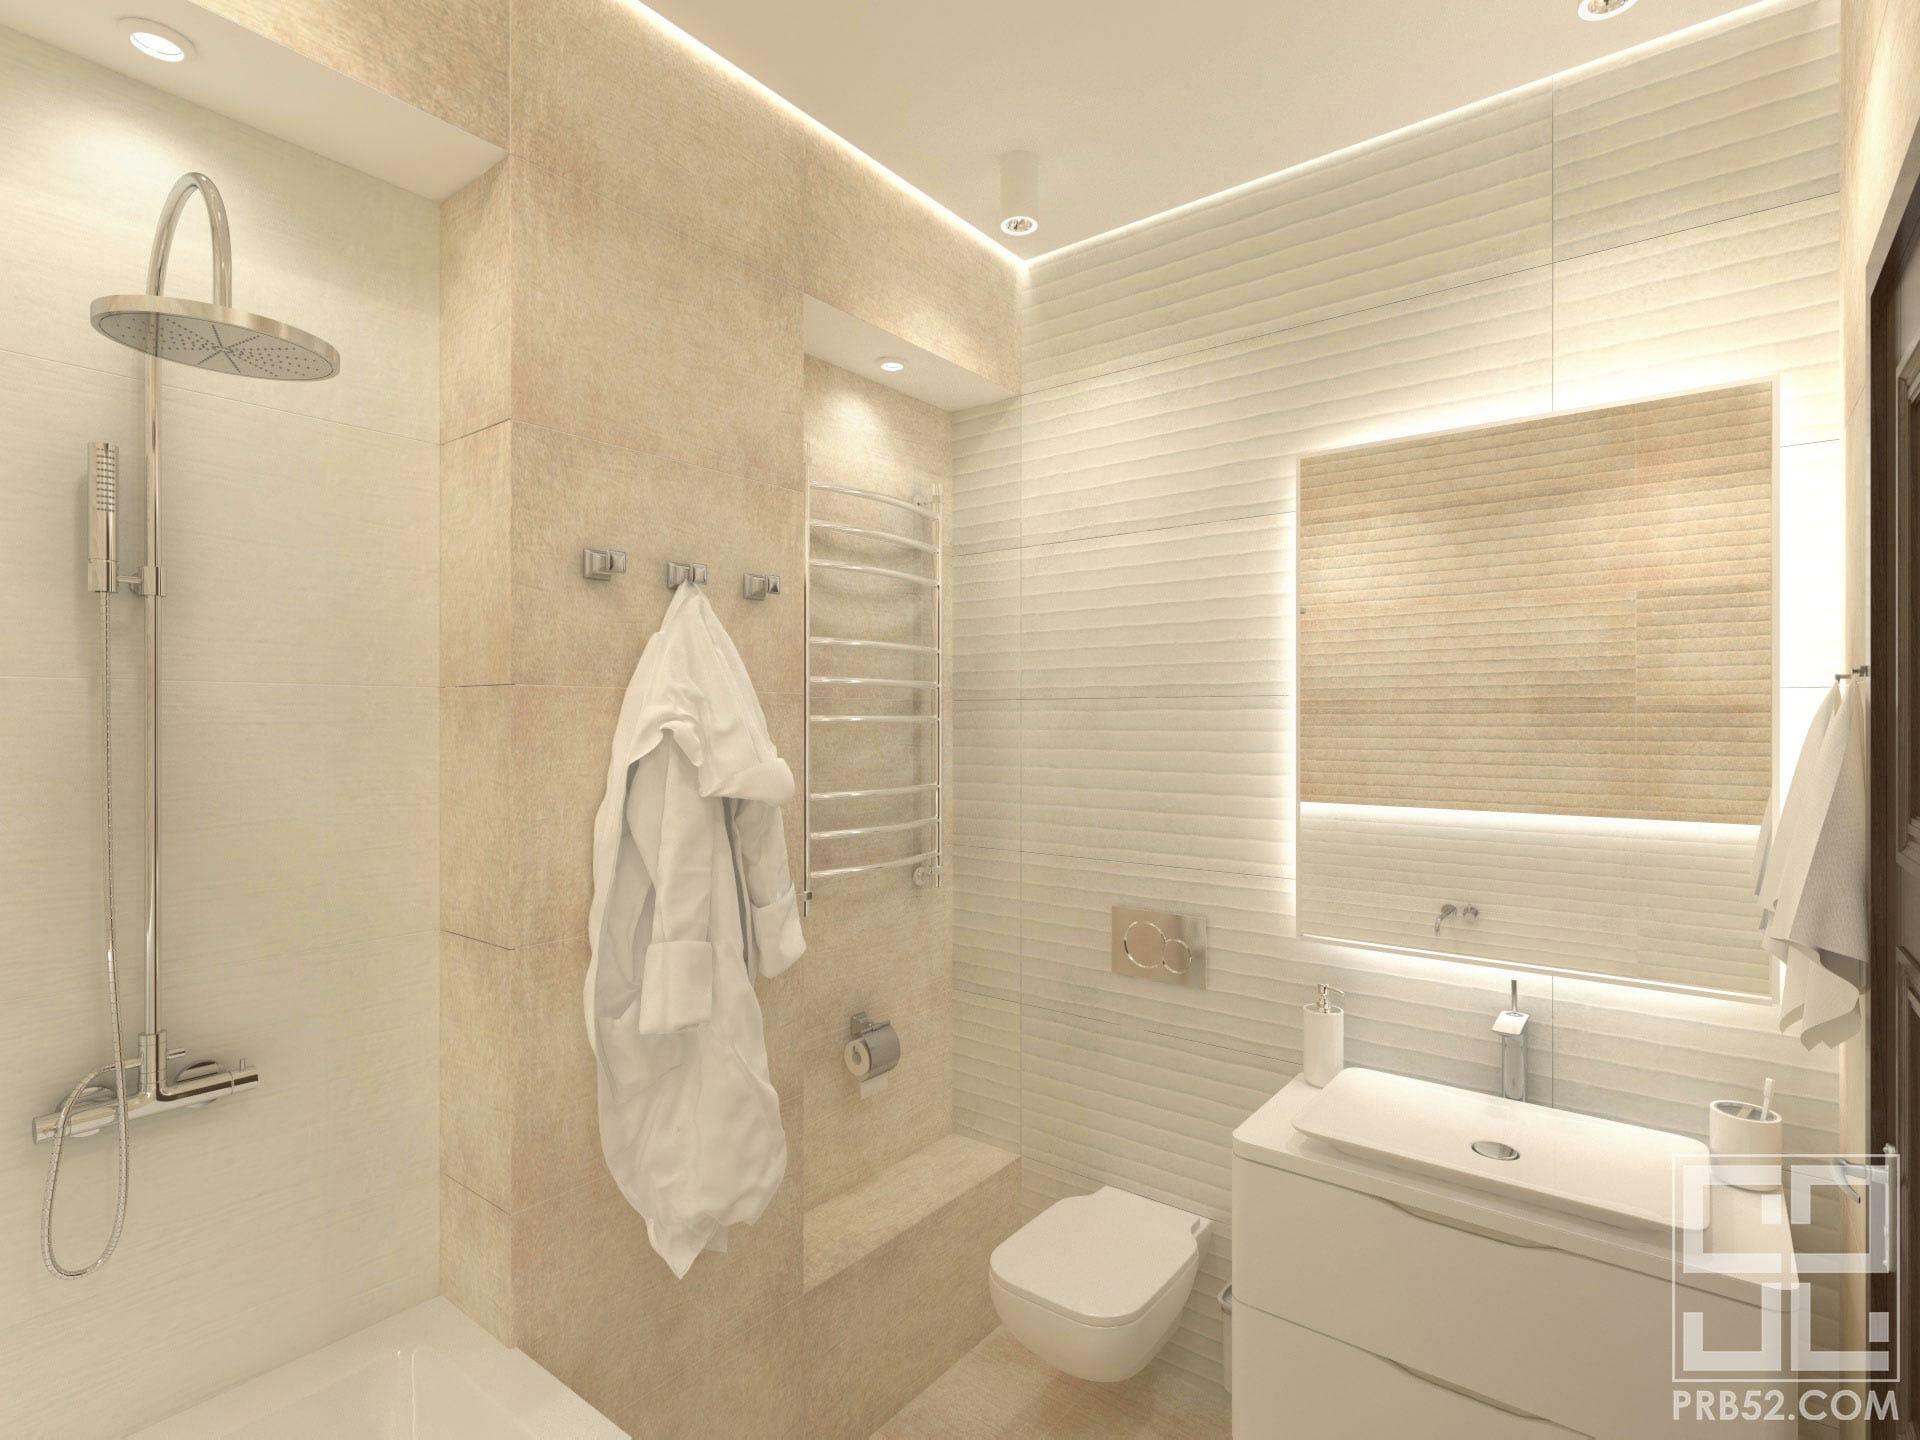 дизайн интерьера ванной комнаты с подсветкой зеркала и парящим потолком